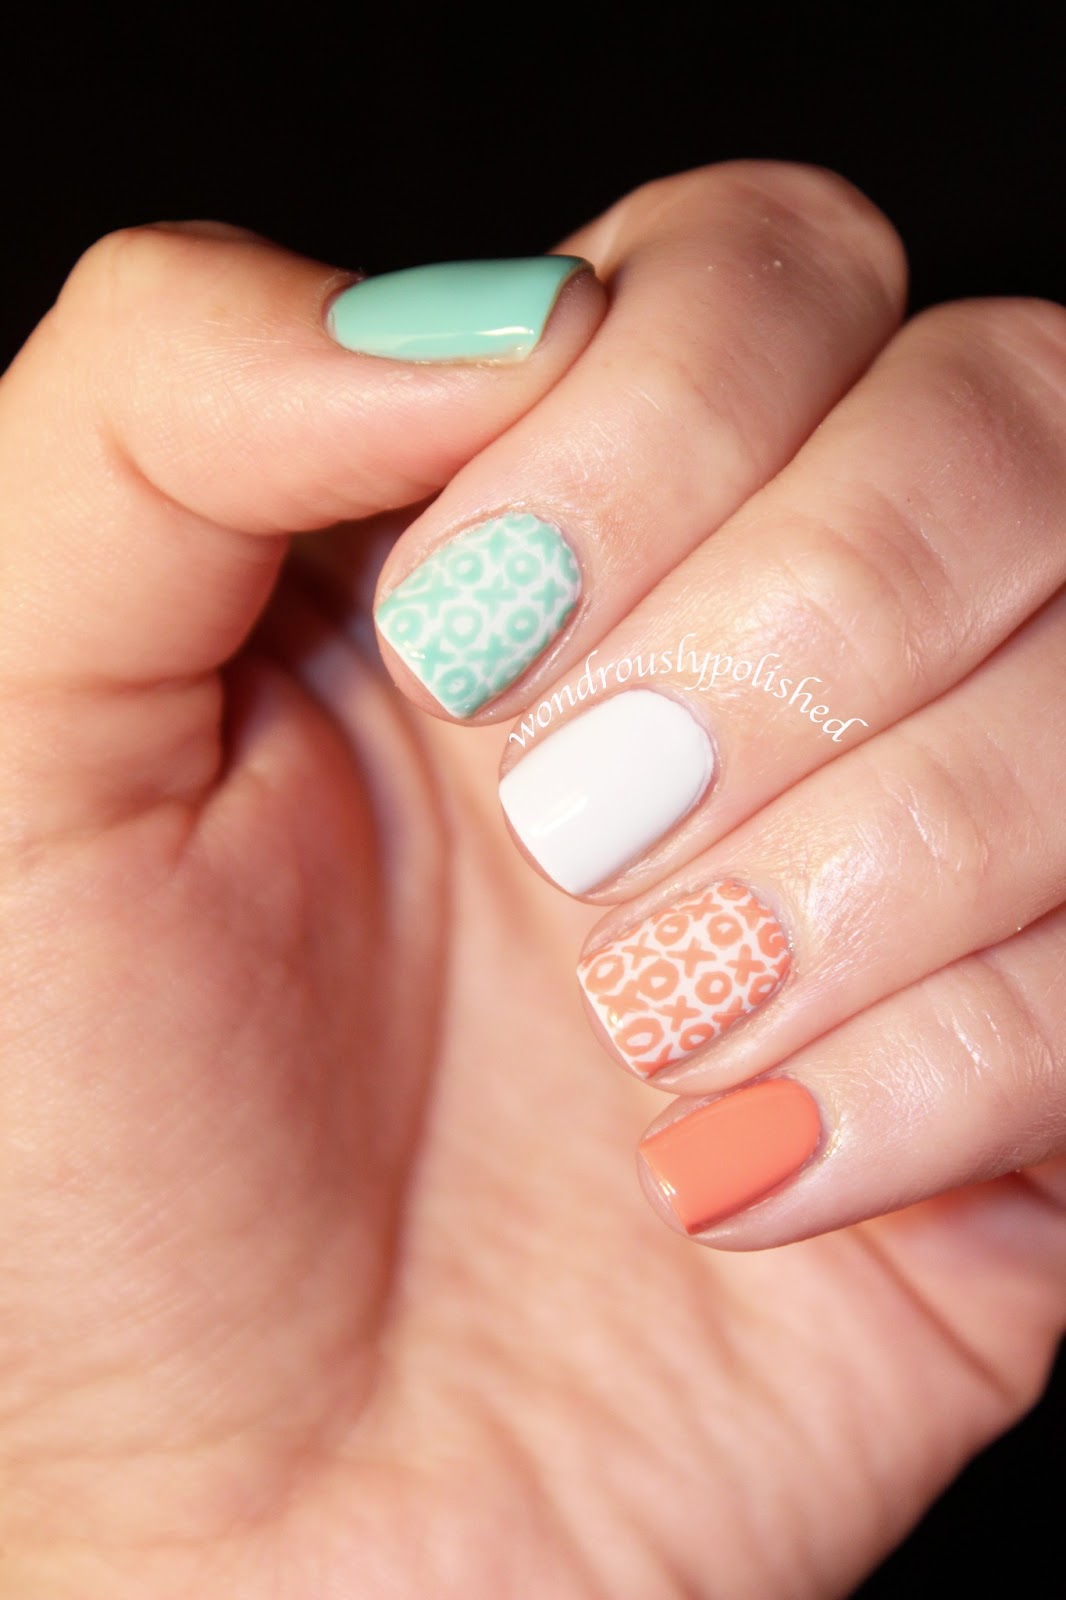 Wondrously Polished February Nail Art Challenge Day 3 Xoxo